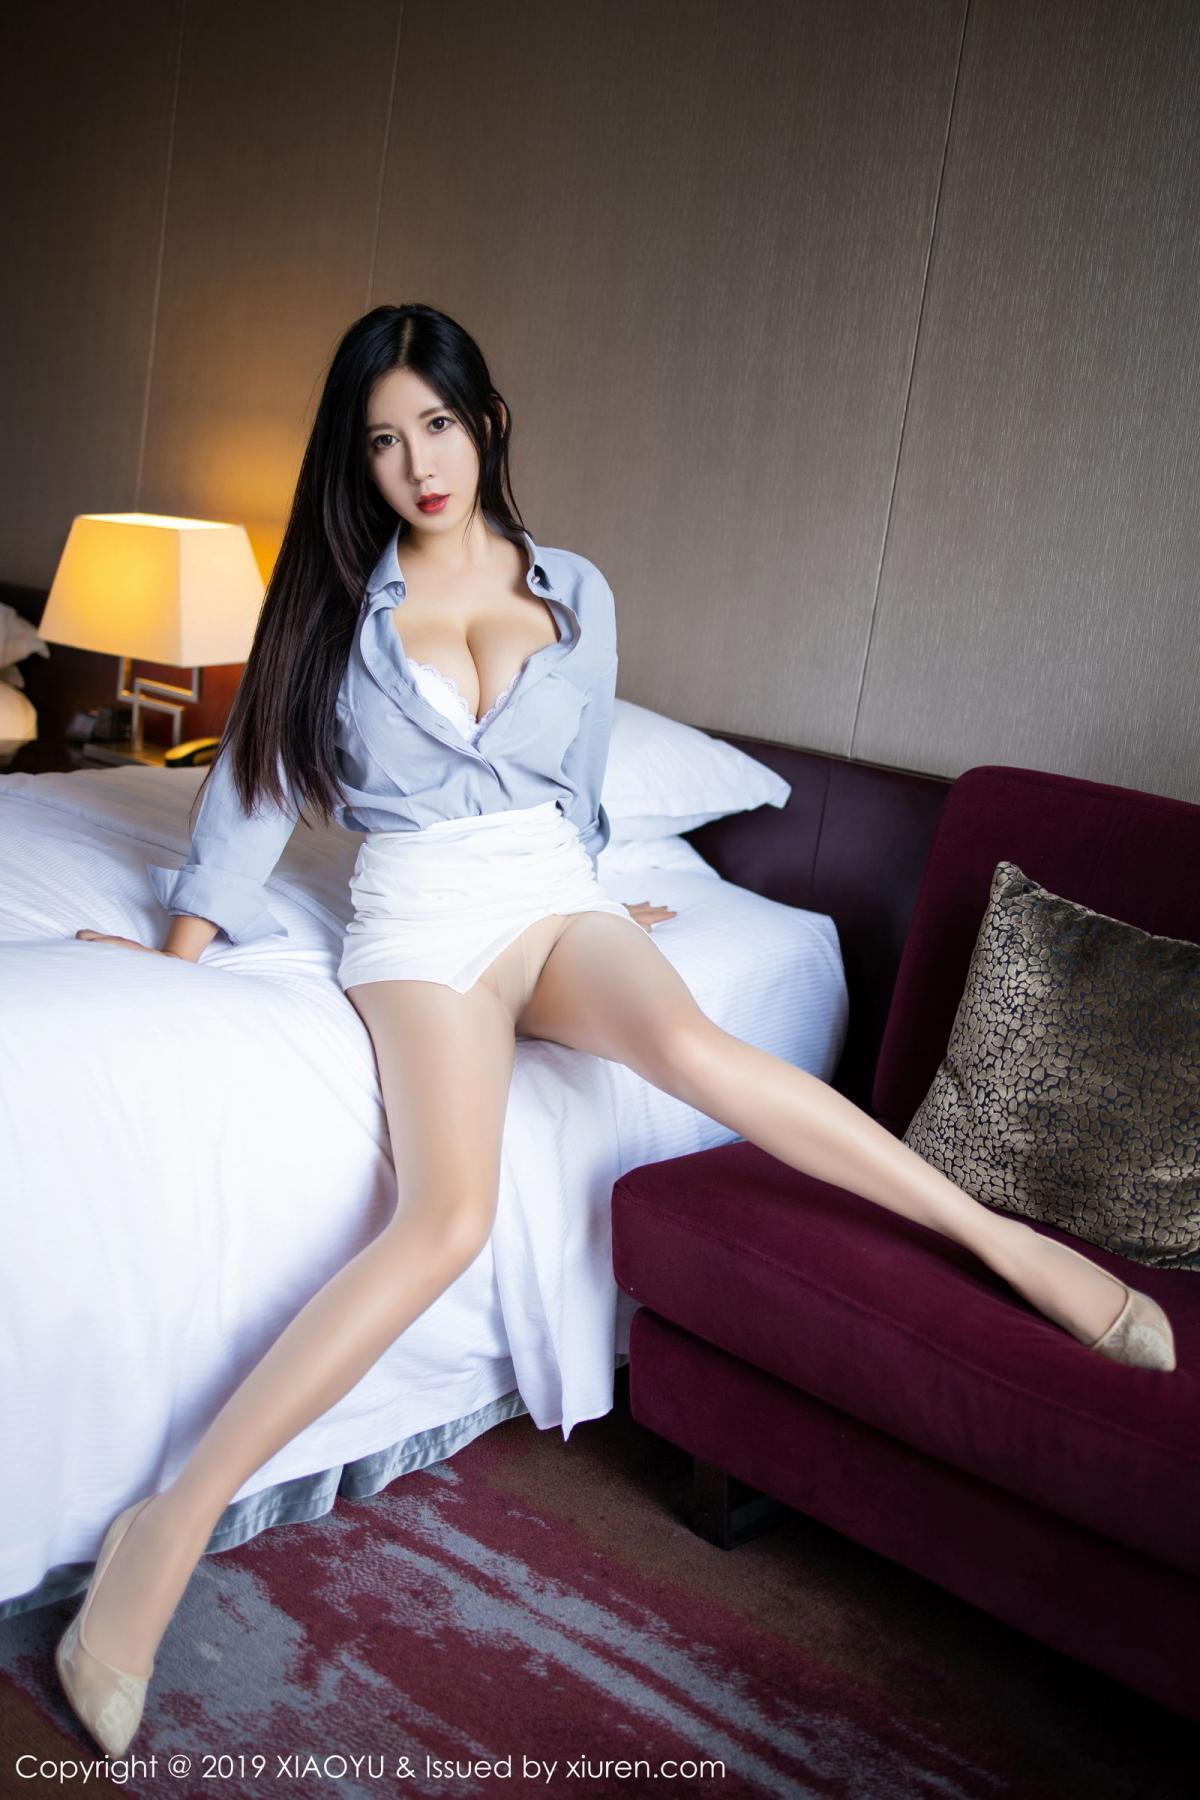 [XiaoYu] Vol.180 Li Ya 15P, Li Ya, Underwear, XiaoYu